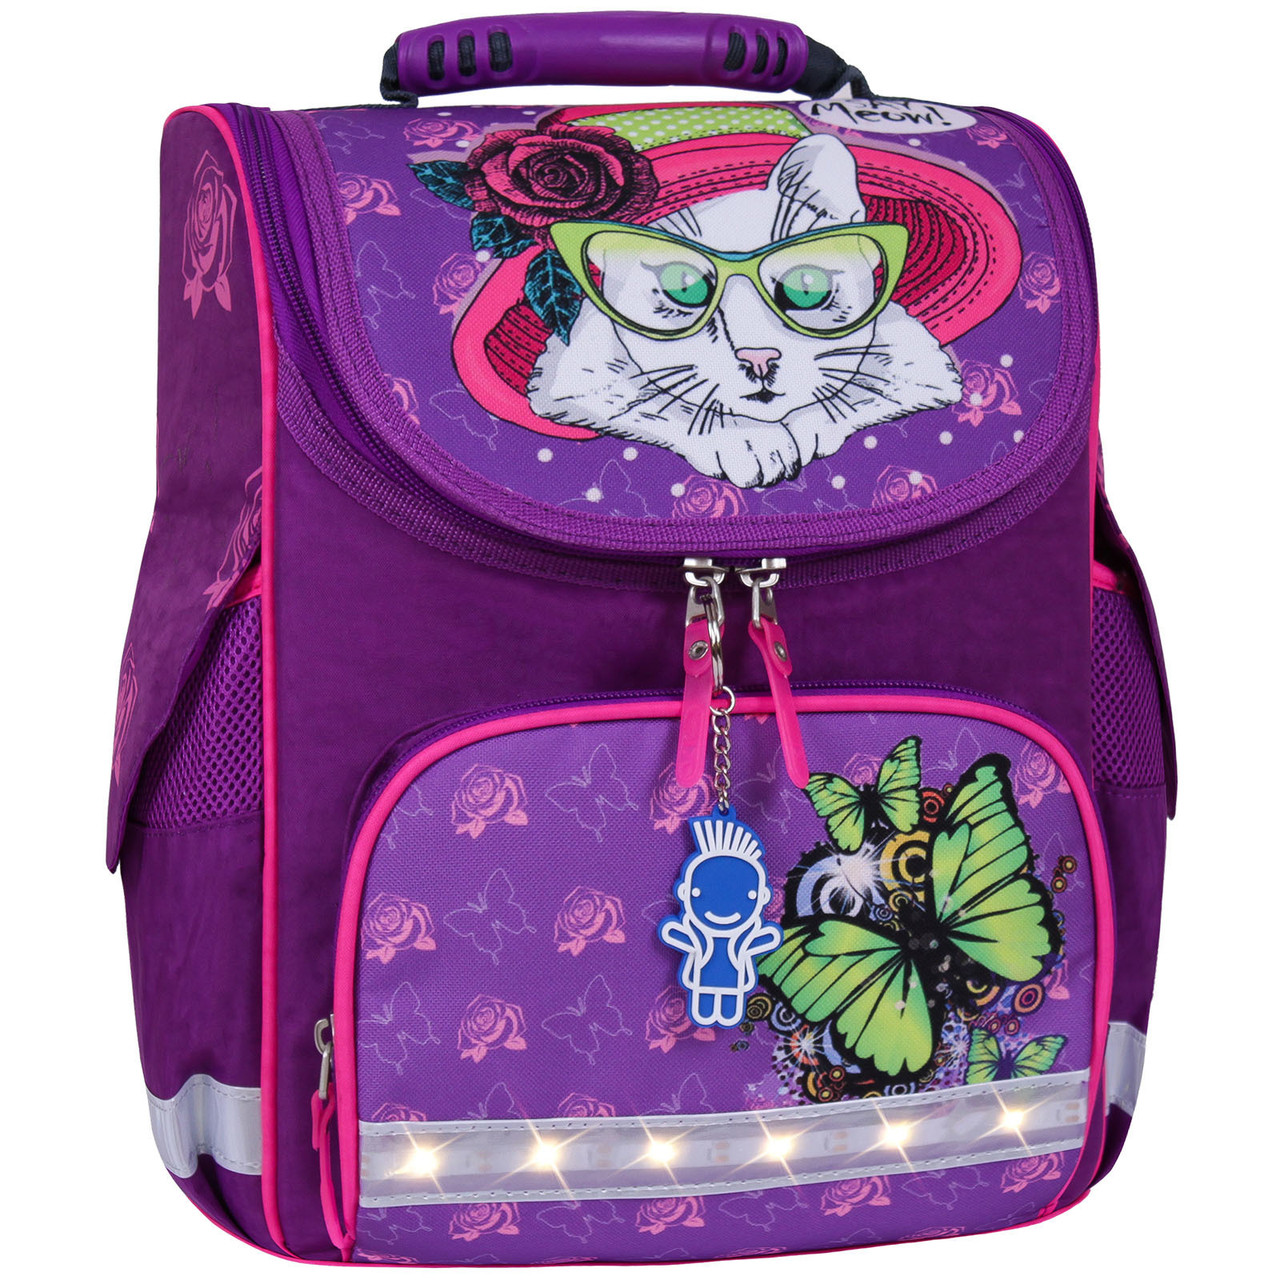 Украина Рюкзак школьный каркасный с фонариками Bagland Успех 12 л. фиолетовый 168к (00551703)